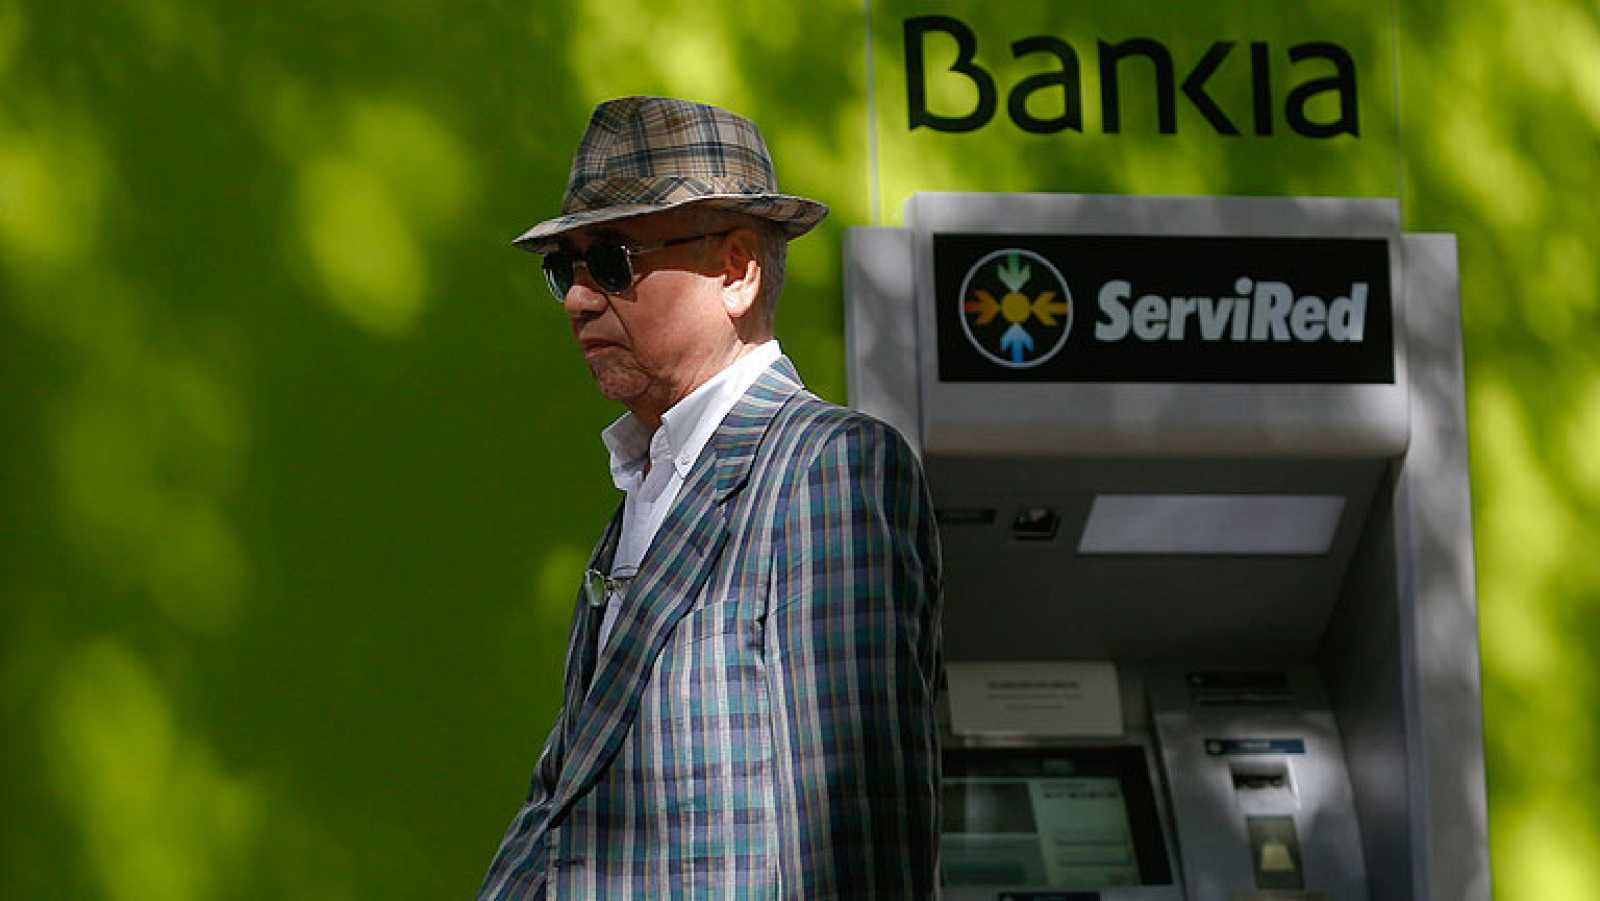 El FROB inyecta 4.500 millones en Bankia anticipándose al préstamo europeo